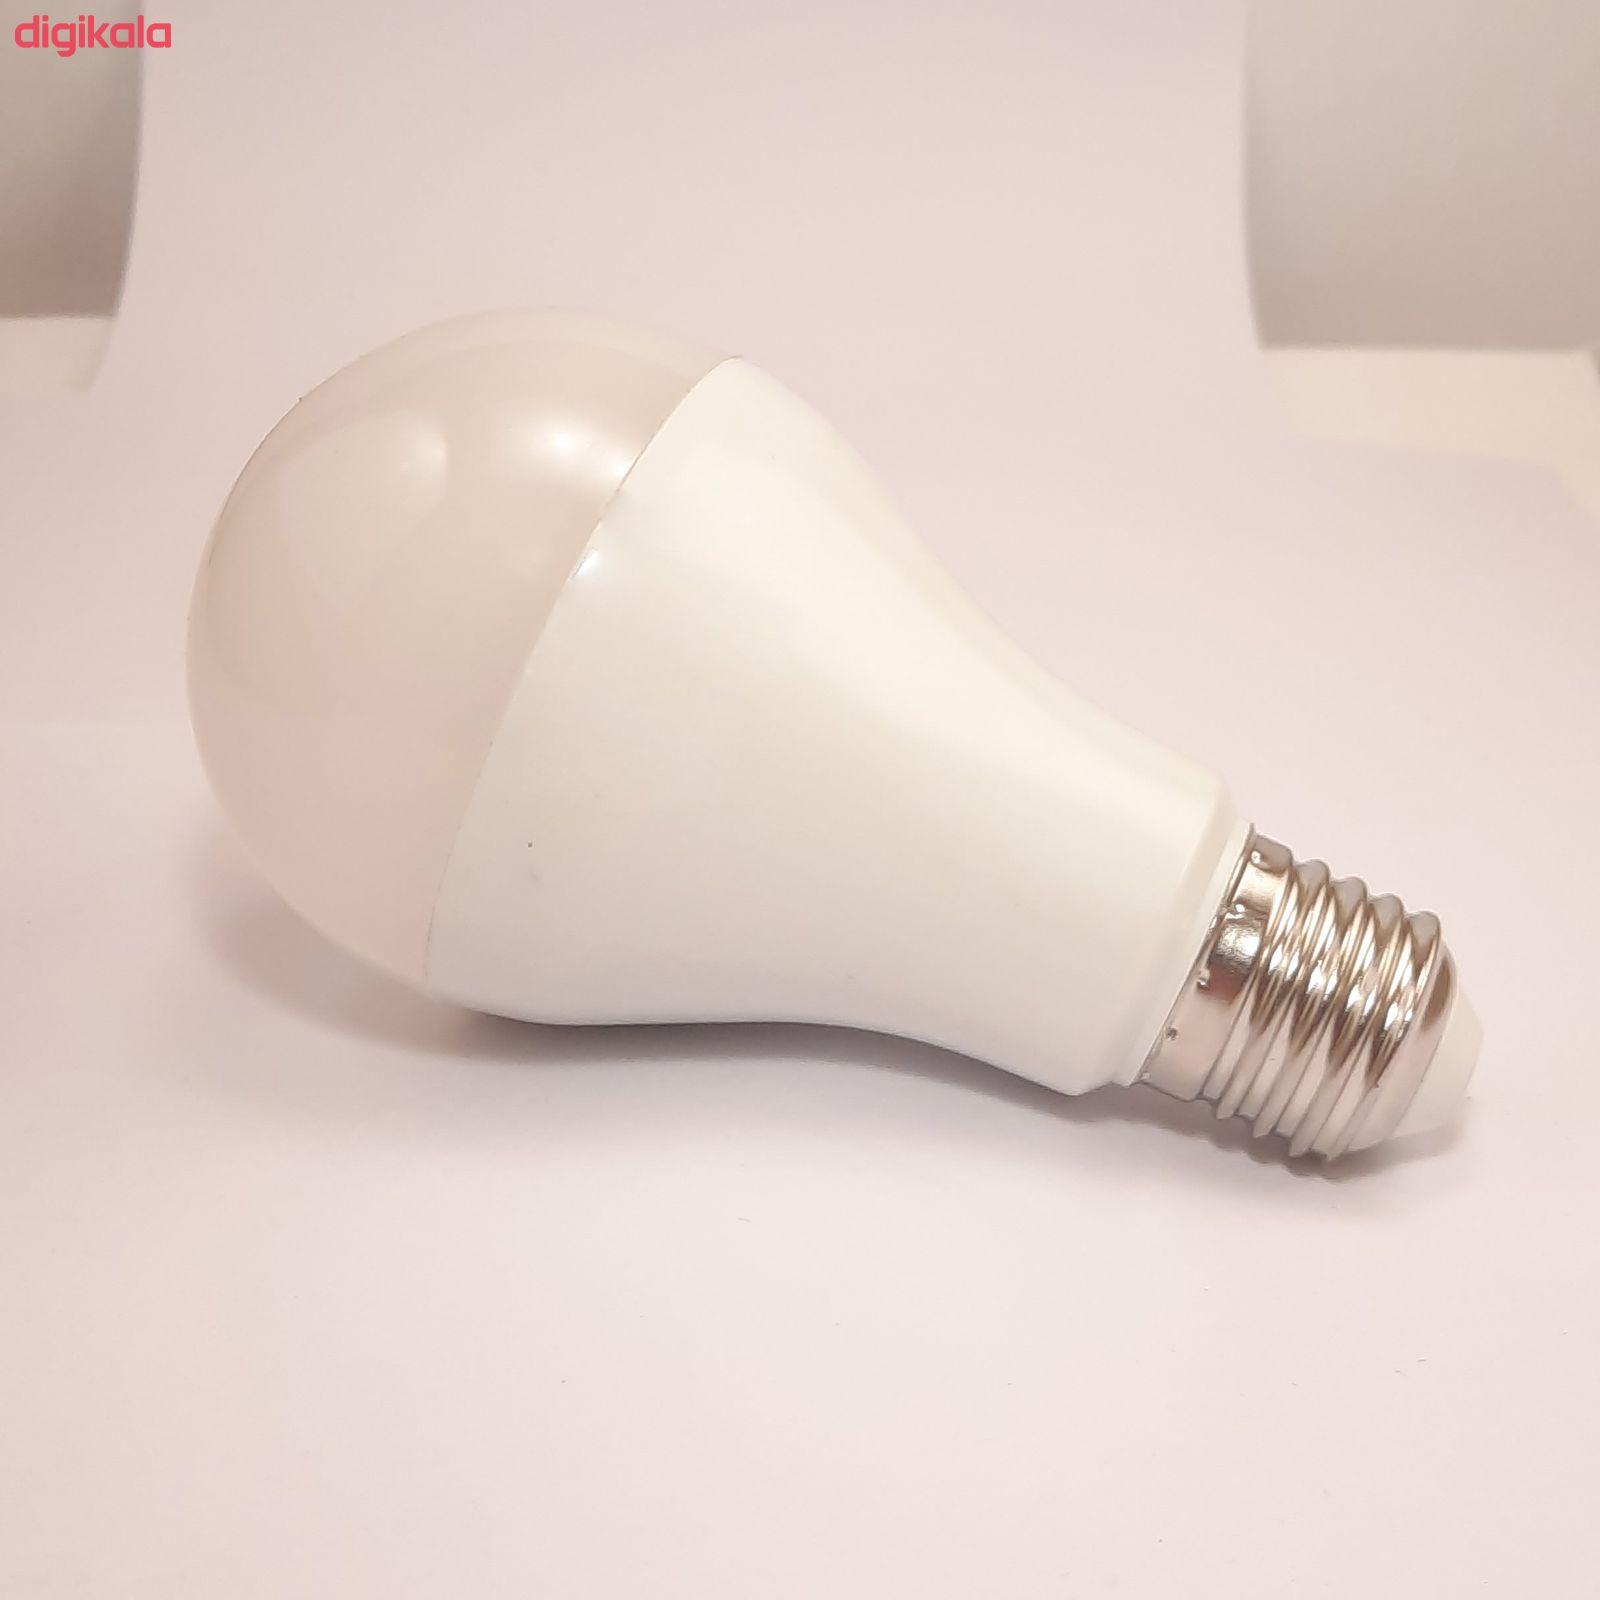 لامپ ال ای دی 15 وات پارس شعاع توس مدل BL پایه E27 main 1 2